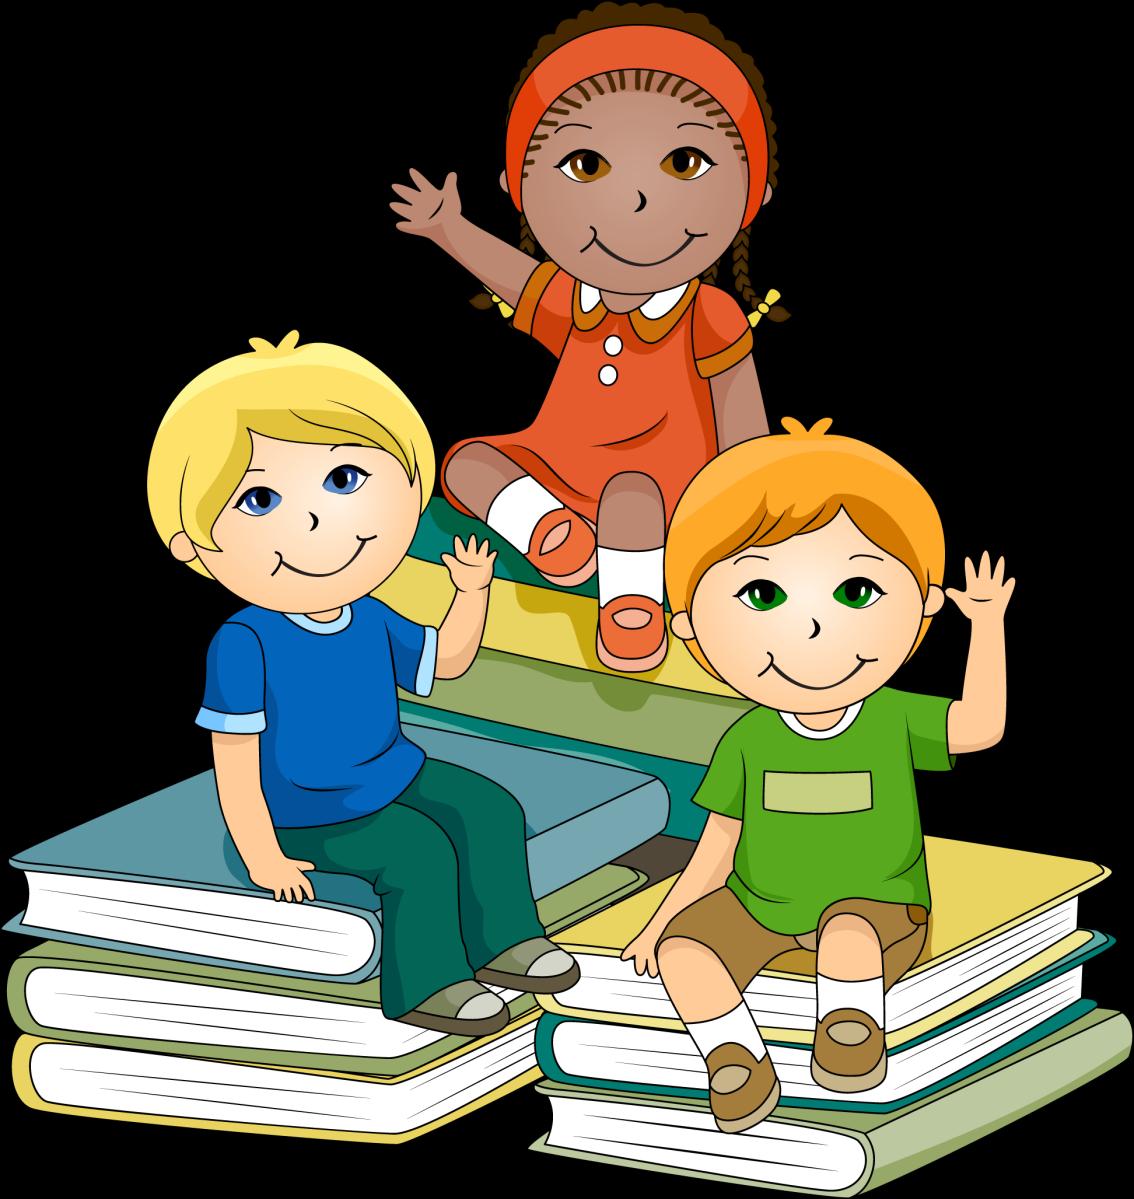 Пътеводител на обучителя: Изграждайте устойчиви знания и умения в учениците си